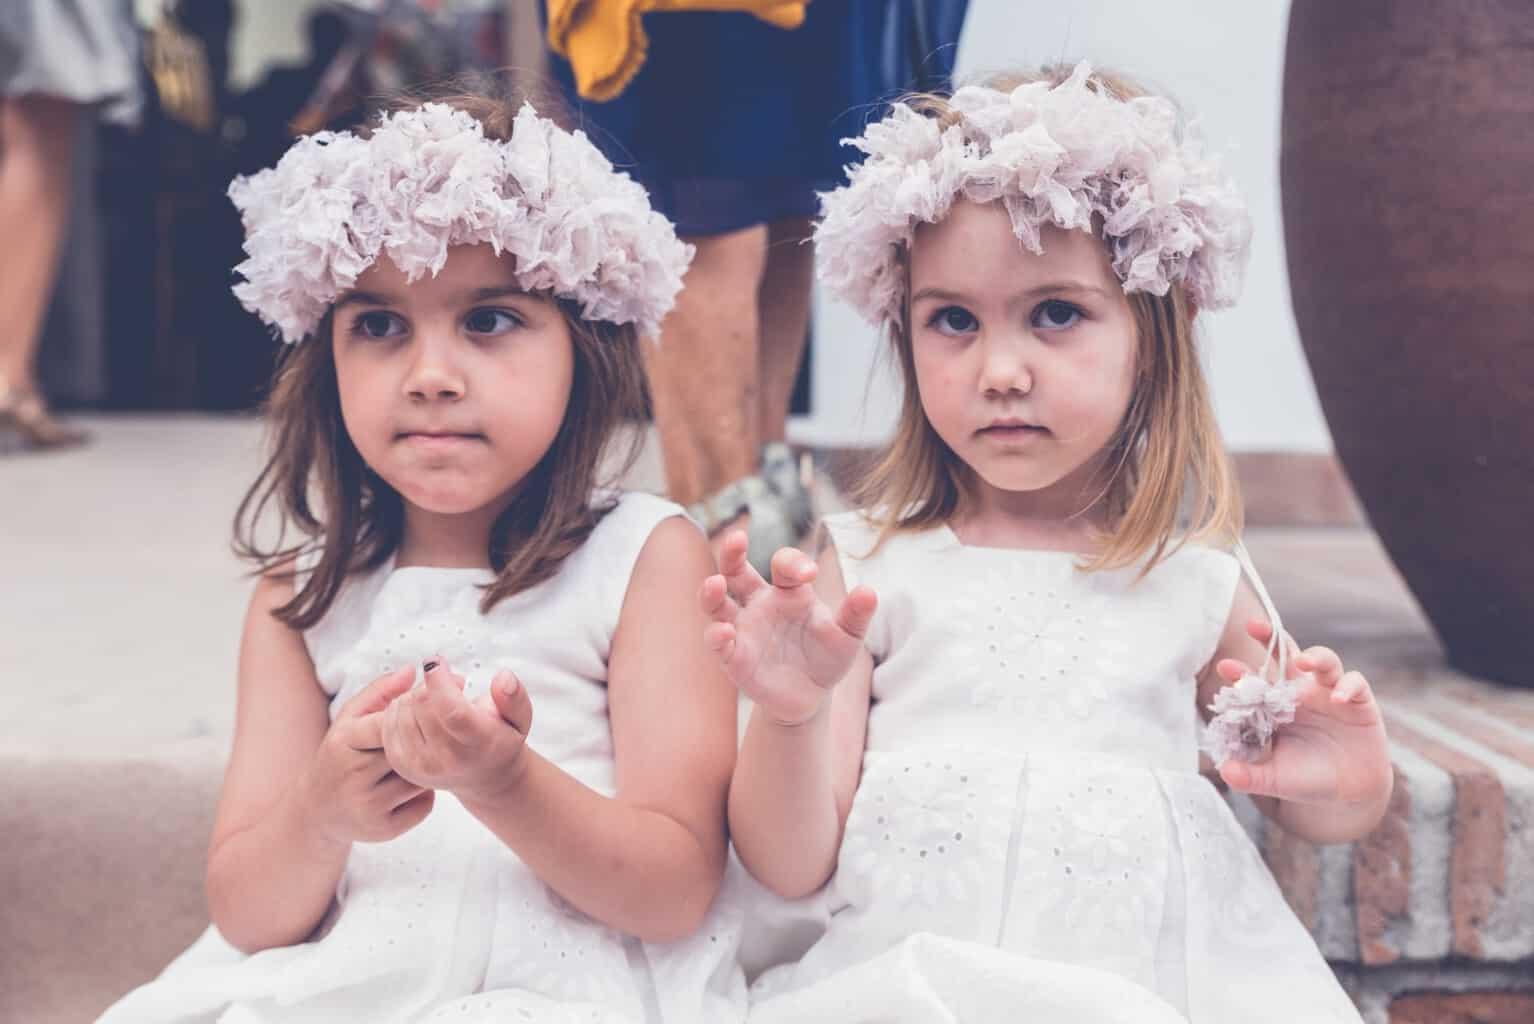 La boda de Popi & Hafner - Las bodas de Tatín